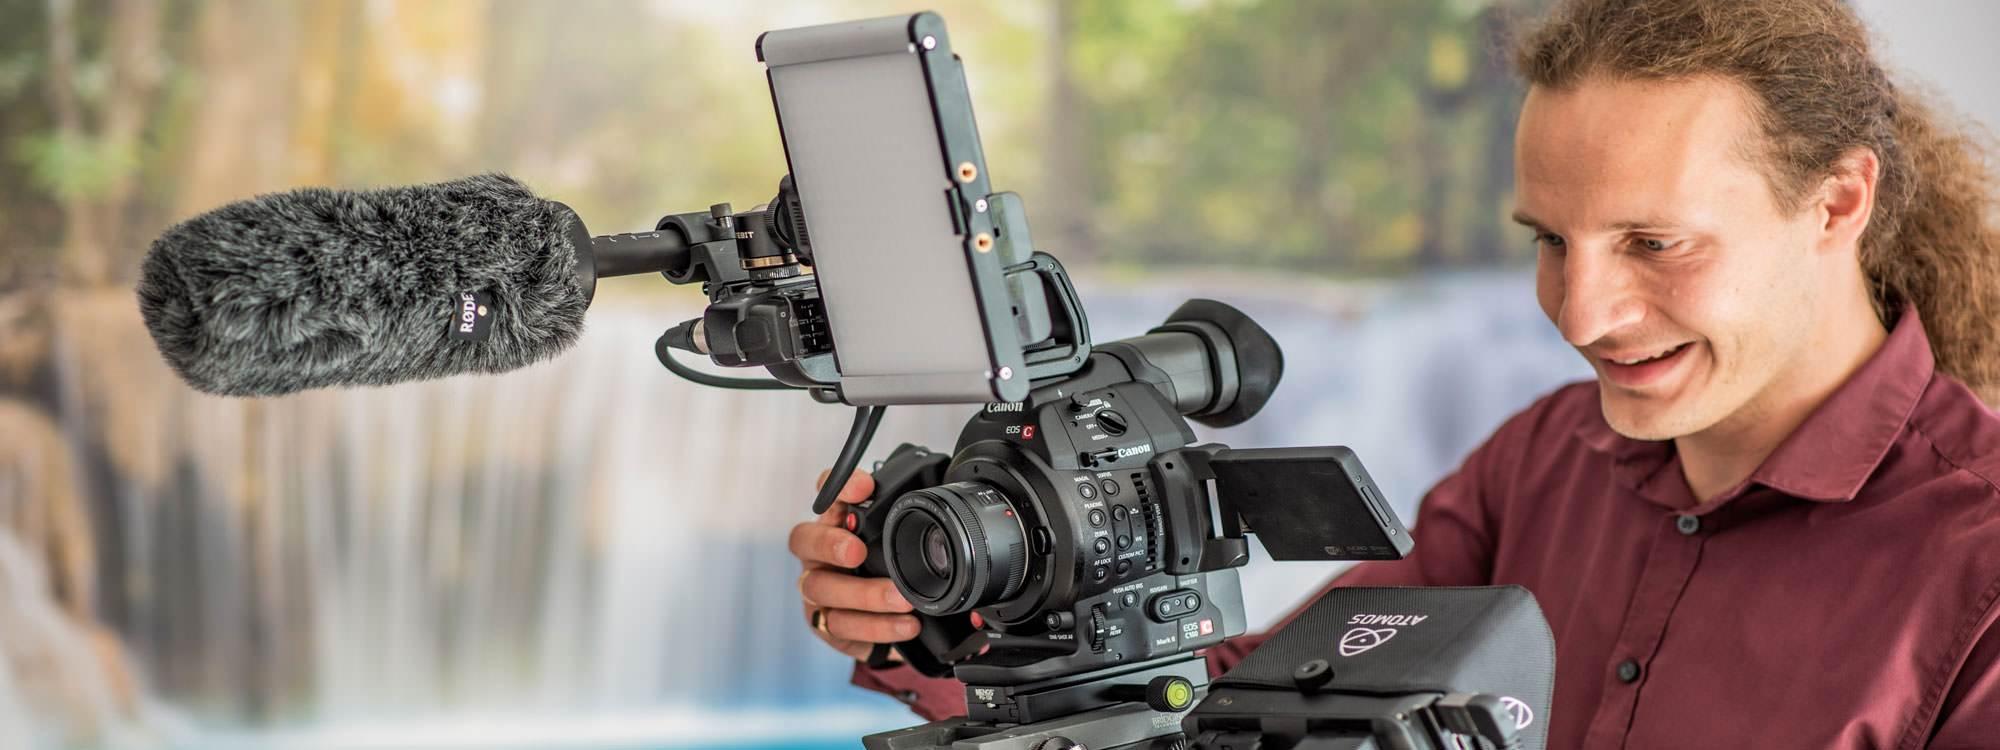 filmvision greifswald marten kaehlert hochzeitsfilme slider | Hochzeitsportal Rügen